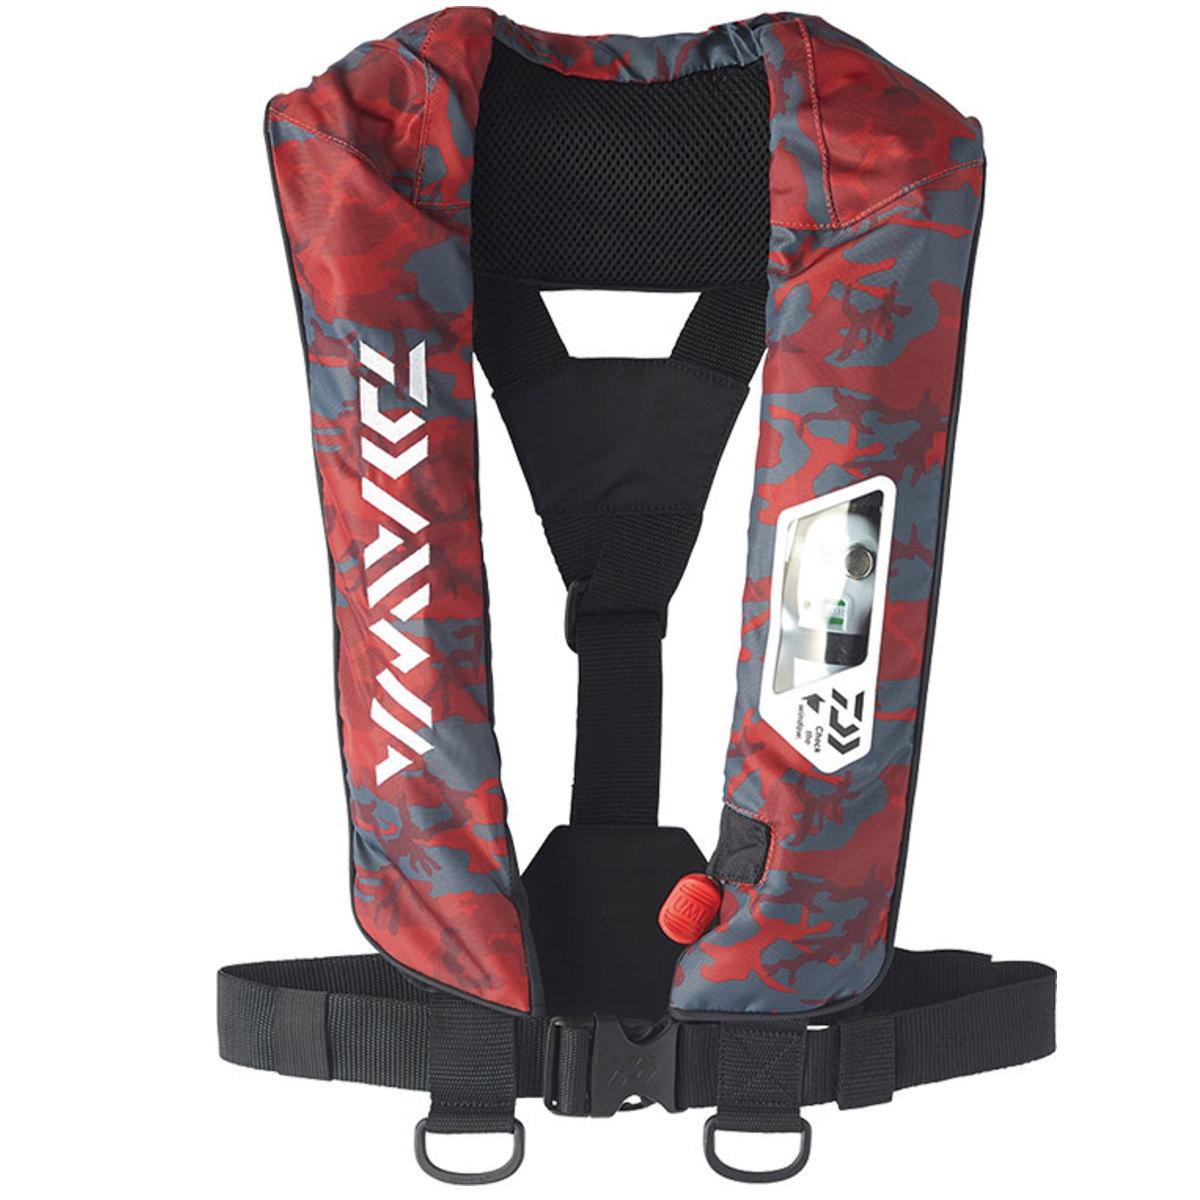 【送料無料5】ダイワ ウォッシャブルライフジャケット (肩掛けタイプ手動・自動膨脹式) DF-2007 レッドカモ フリー